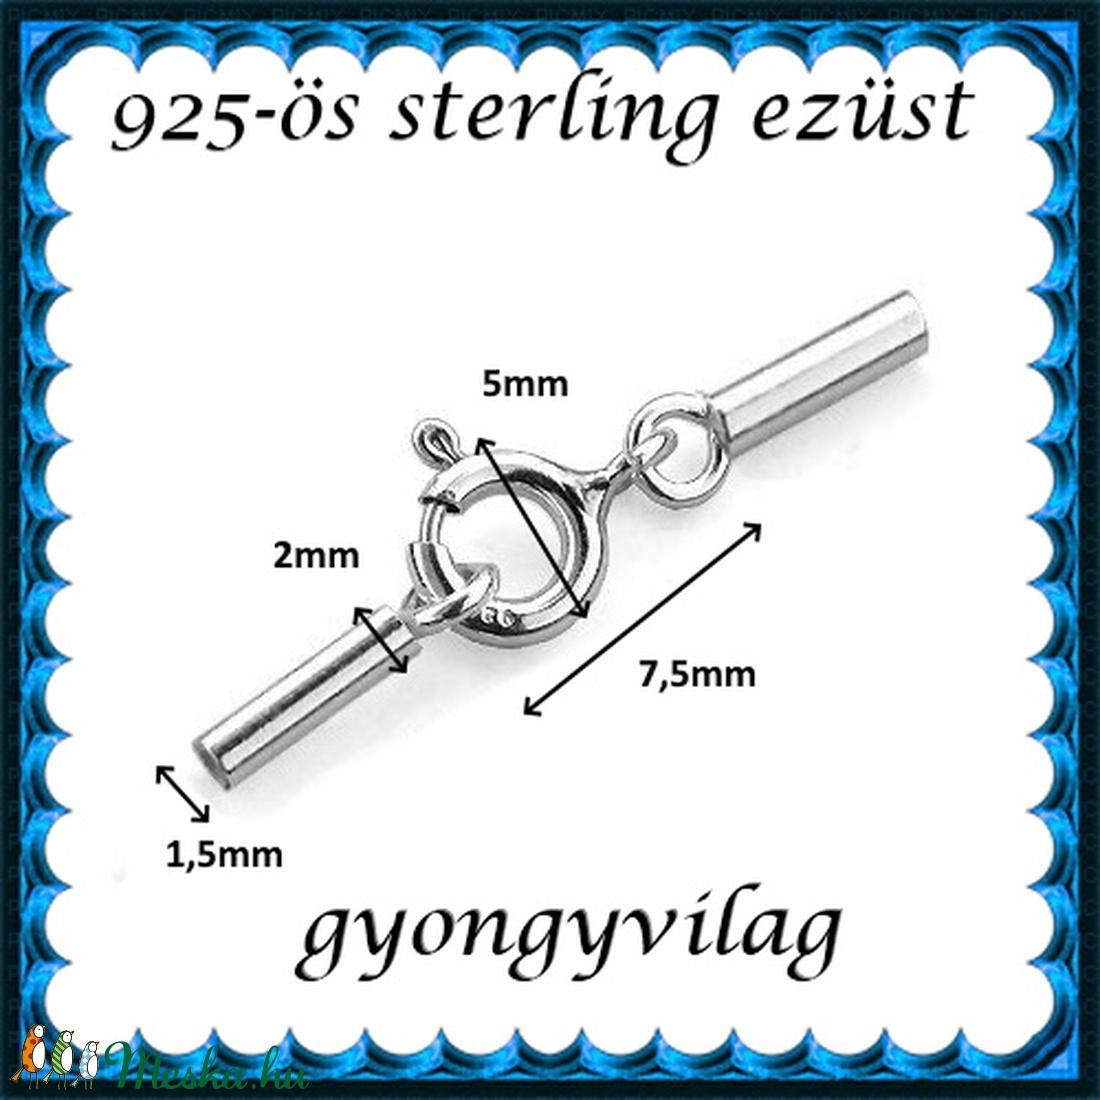 925-ös ezüst láncvég + kapocs ELK K+V 05-1,5 - gyöngy, ékszerkellék - egyéb alkatrész - Meska.hu